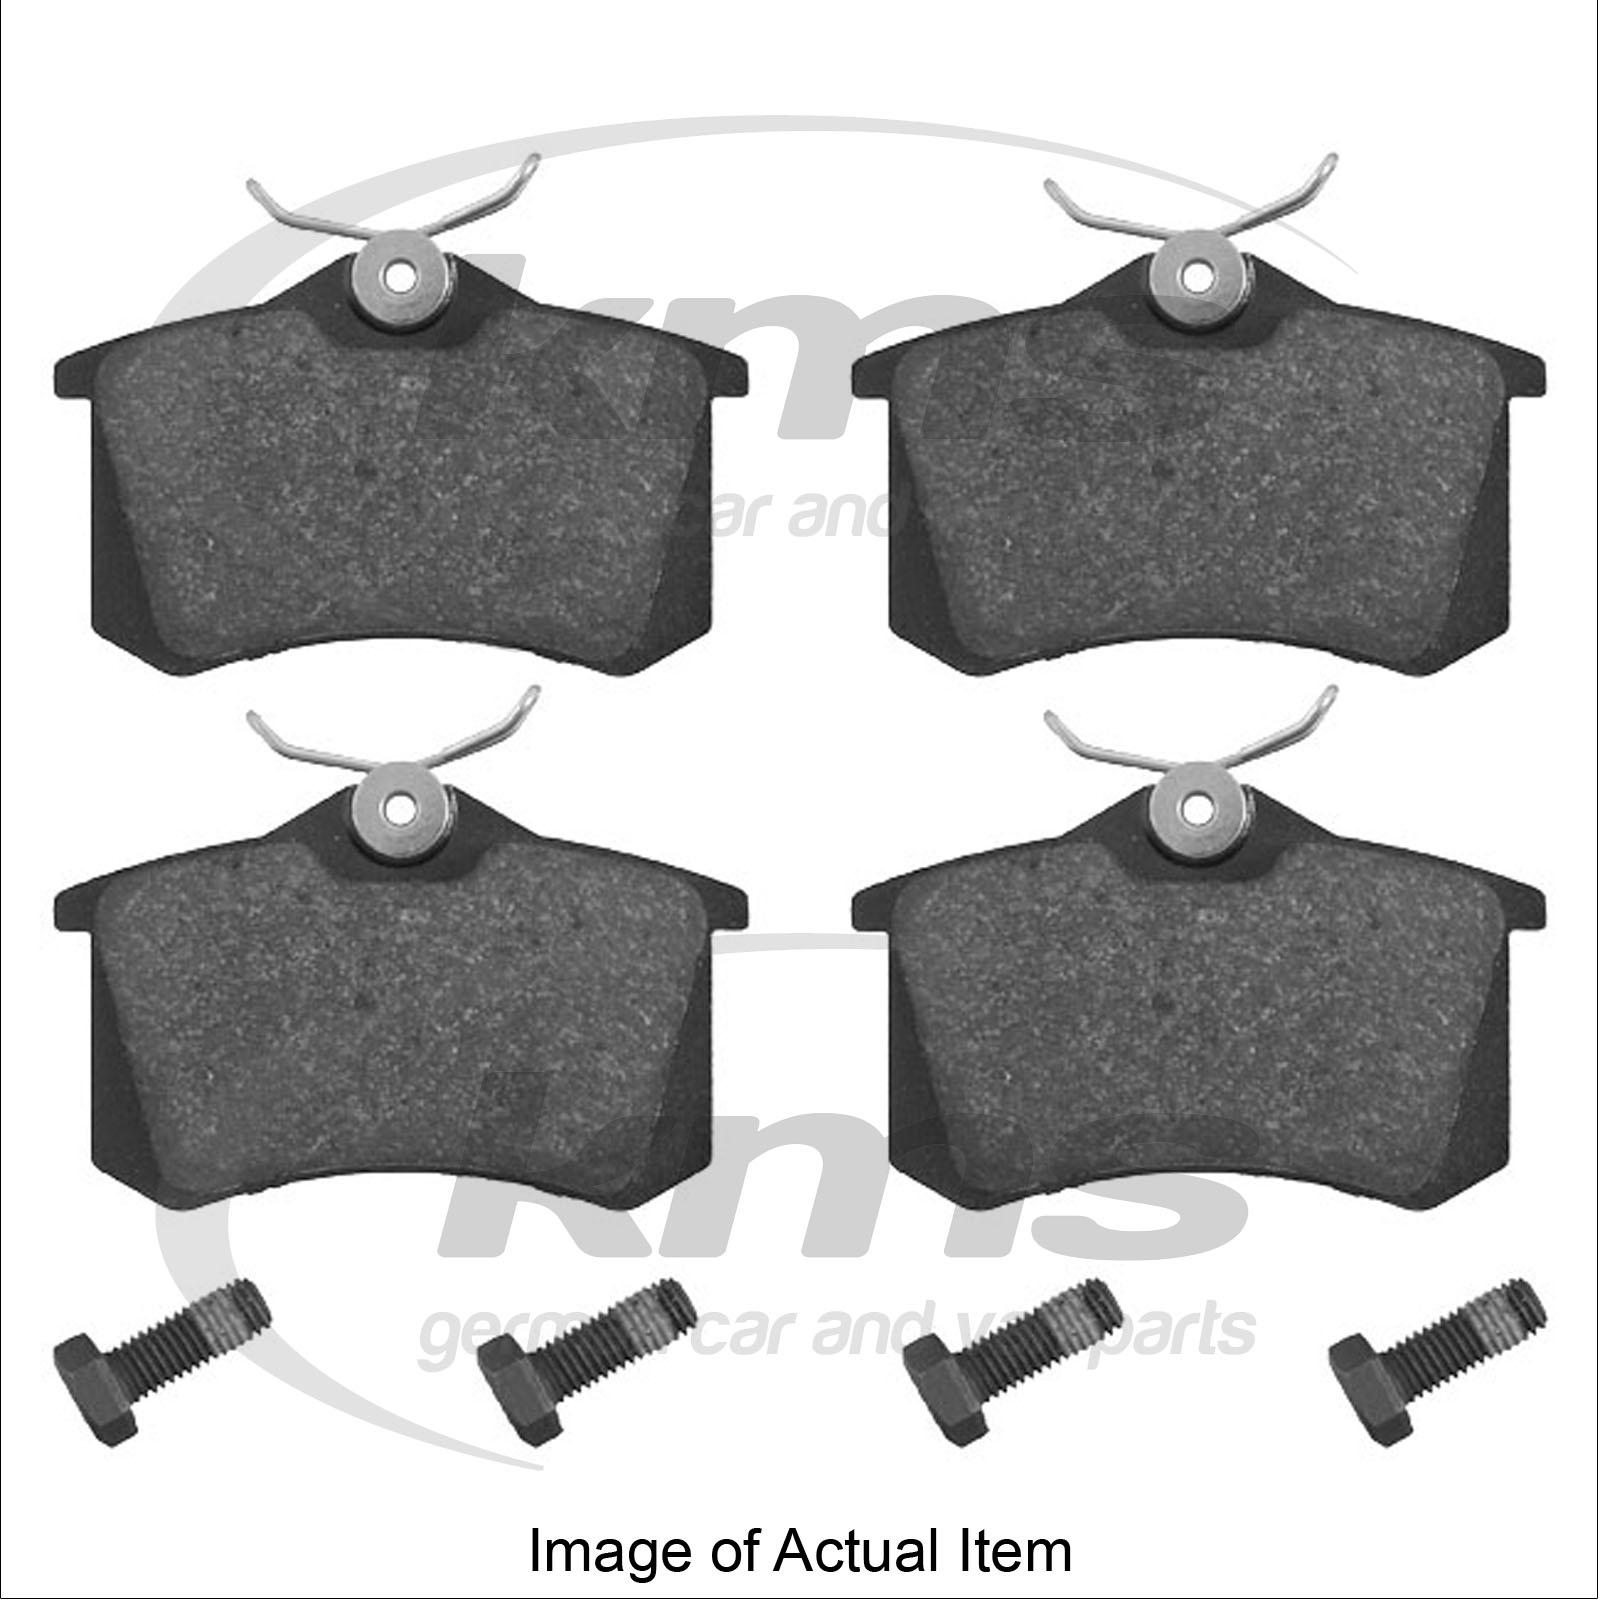 brake pads audi a4 saloon tdi quattro b6 2001 2004 2 5l 180 bhp top german q ebay. Black Bedroom Furniture Sets. Home Design Ideas